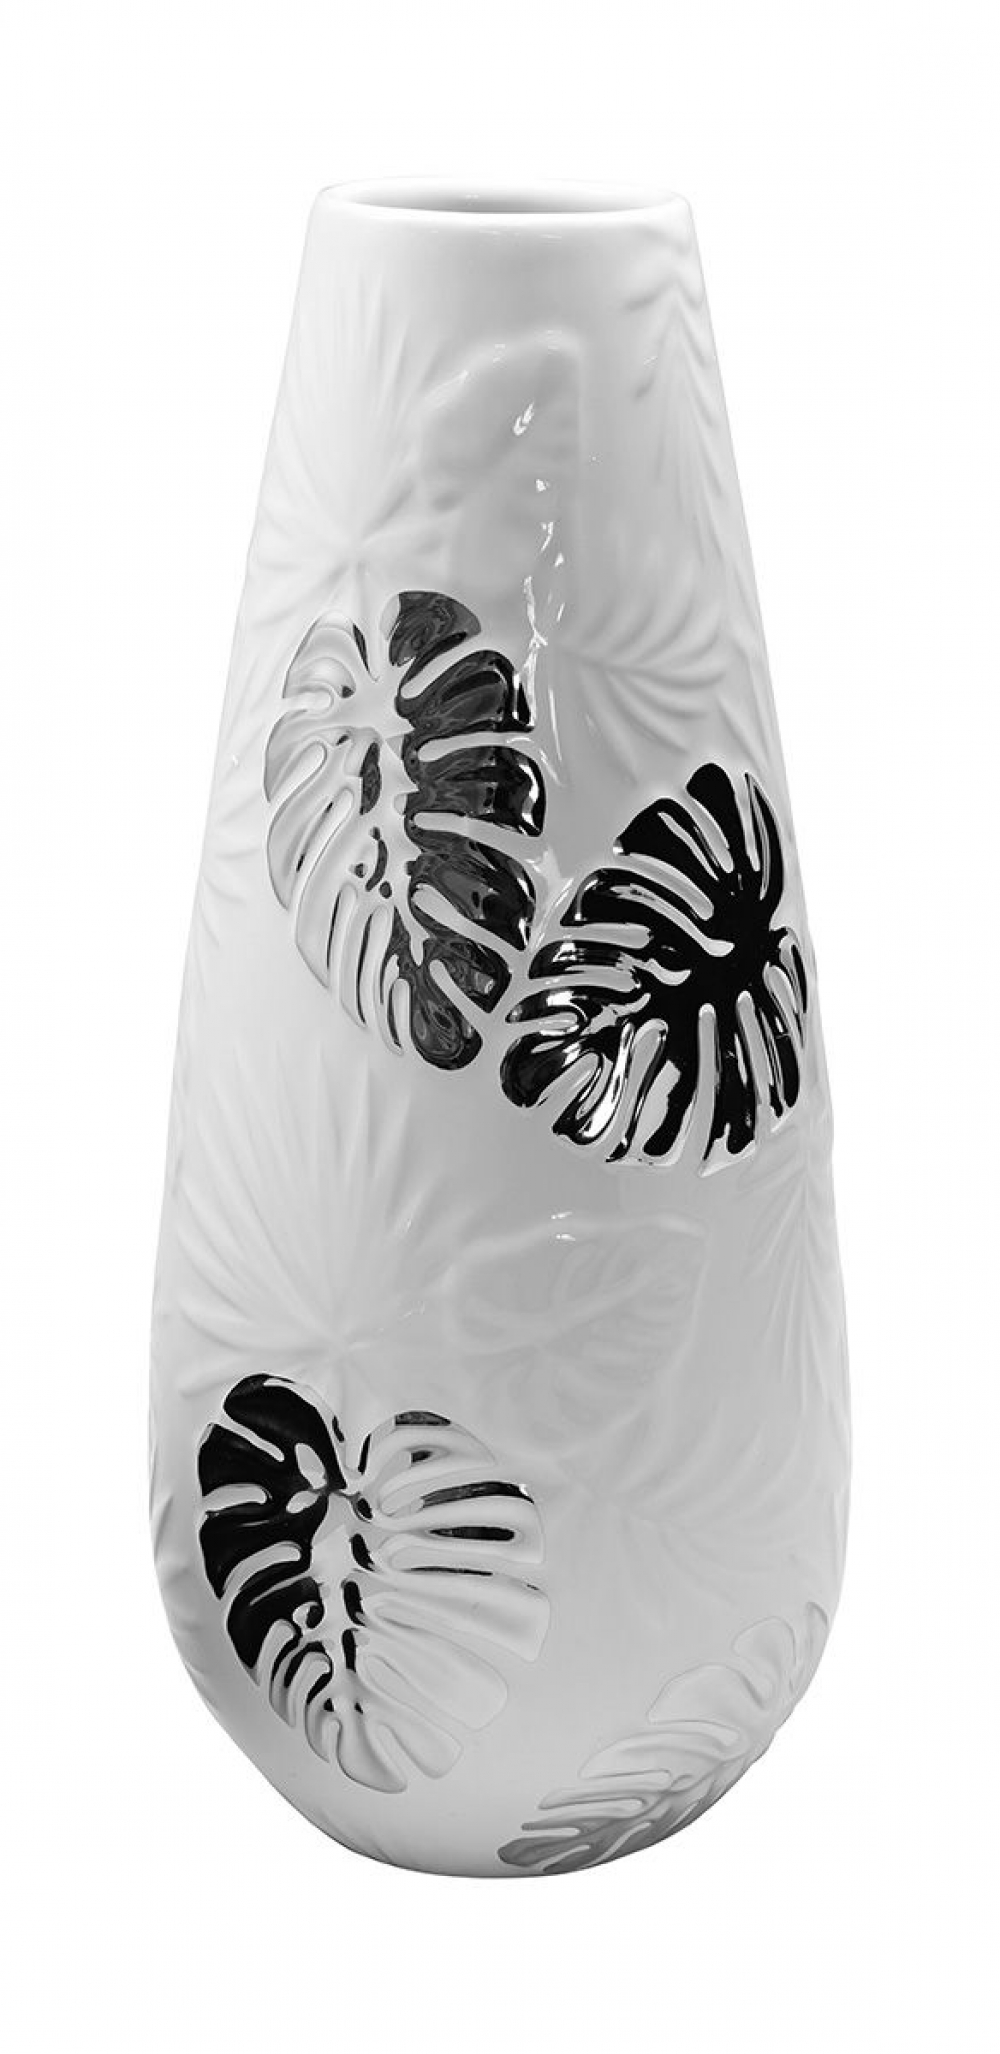 Vaza decorativa cu detalii argintii Putumayo H25cm imagine 2021 insignis.ro